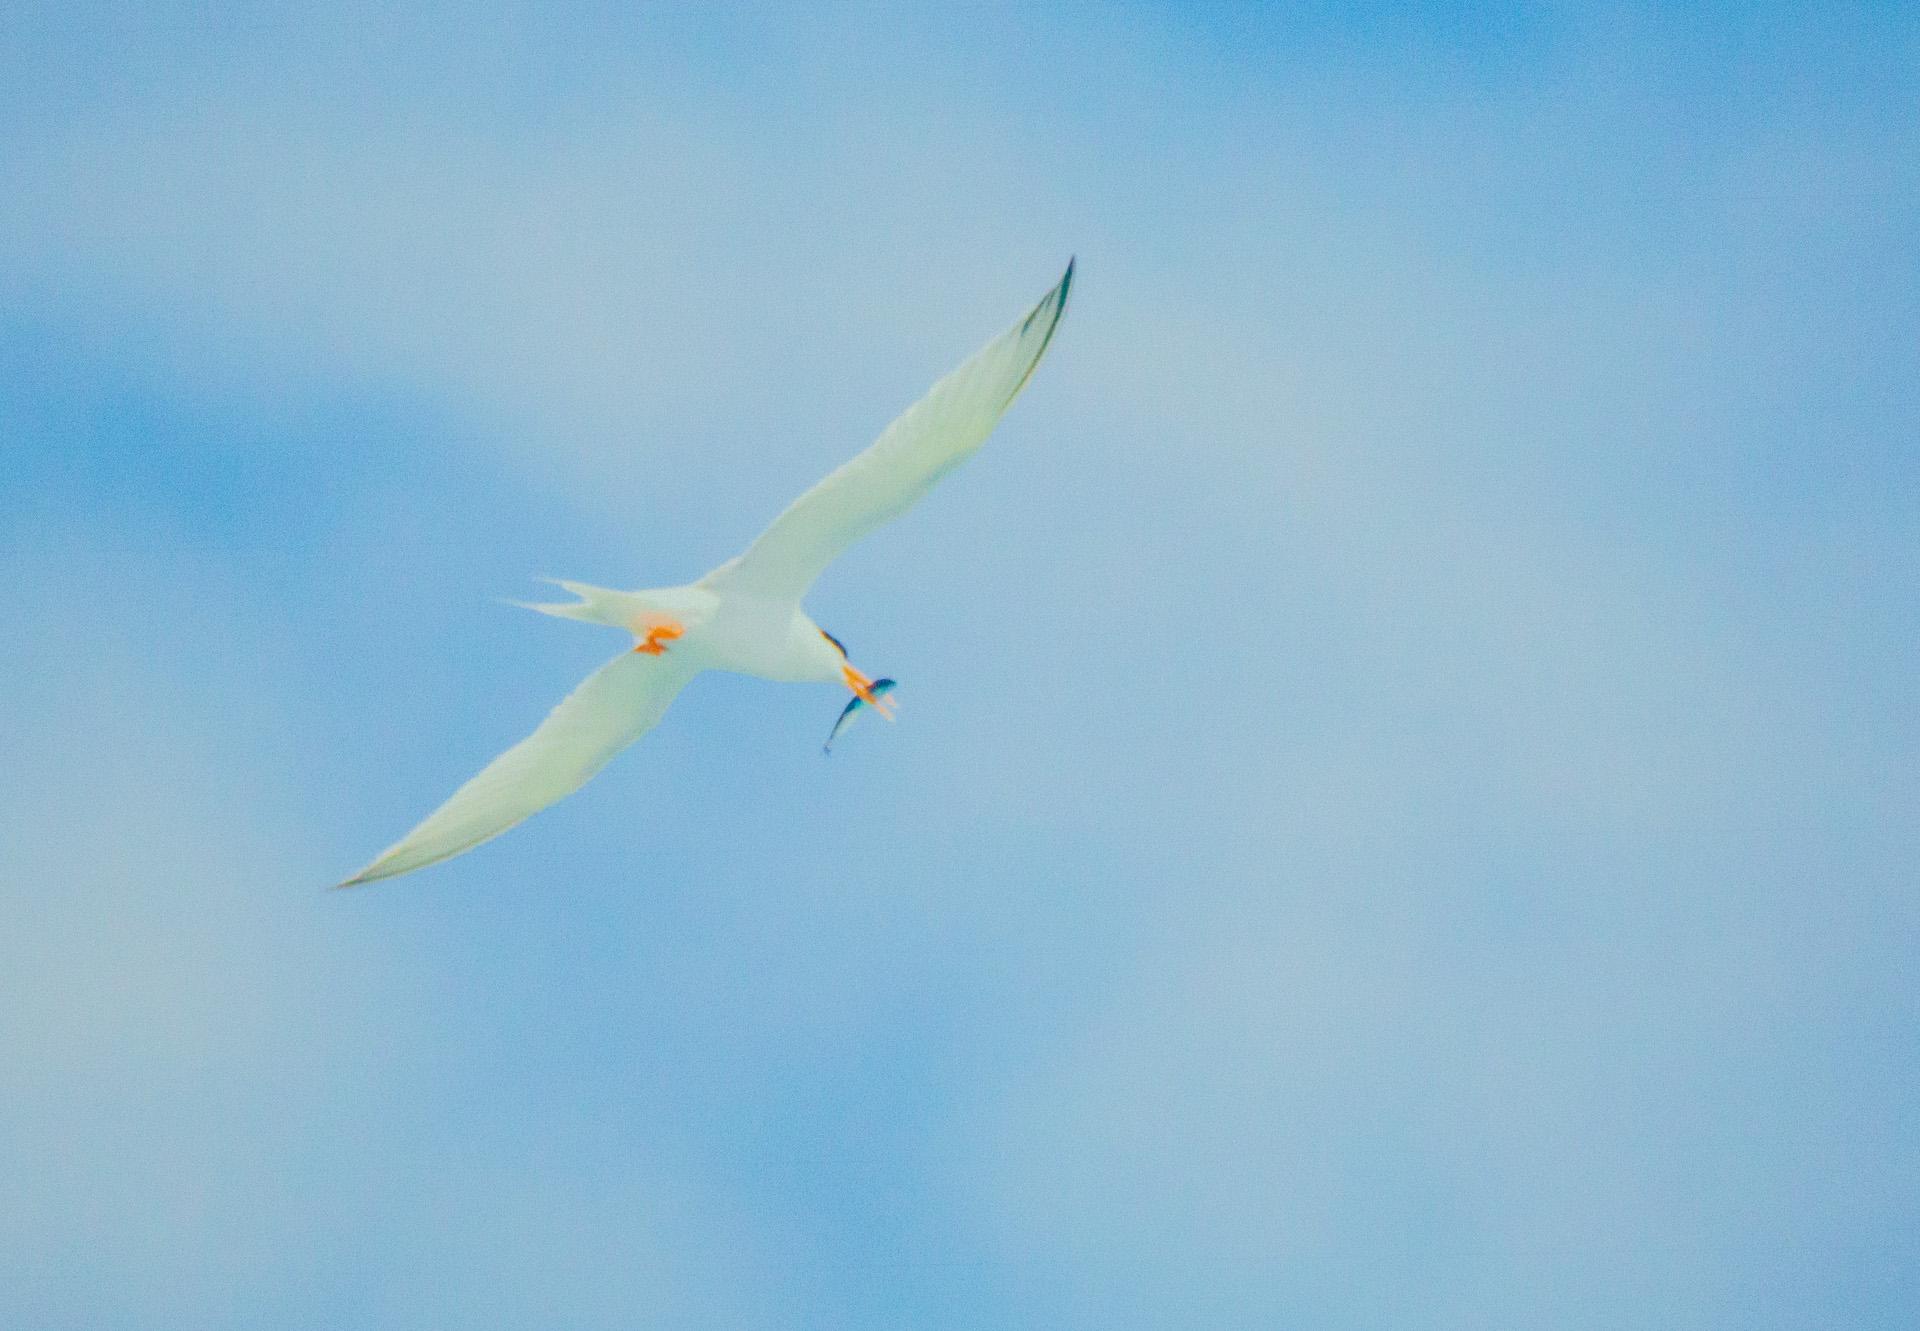 身近な鳥を知ることから始める『愛鳥週間』